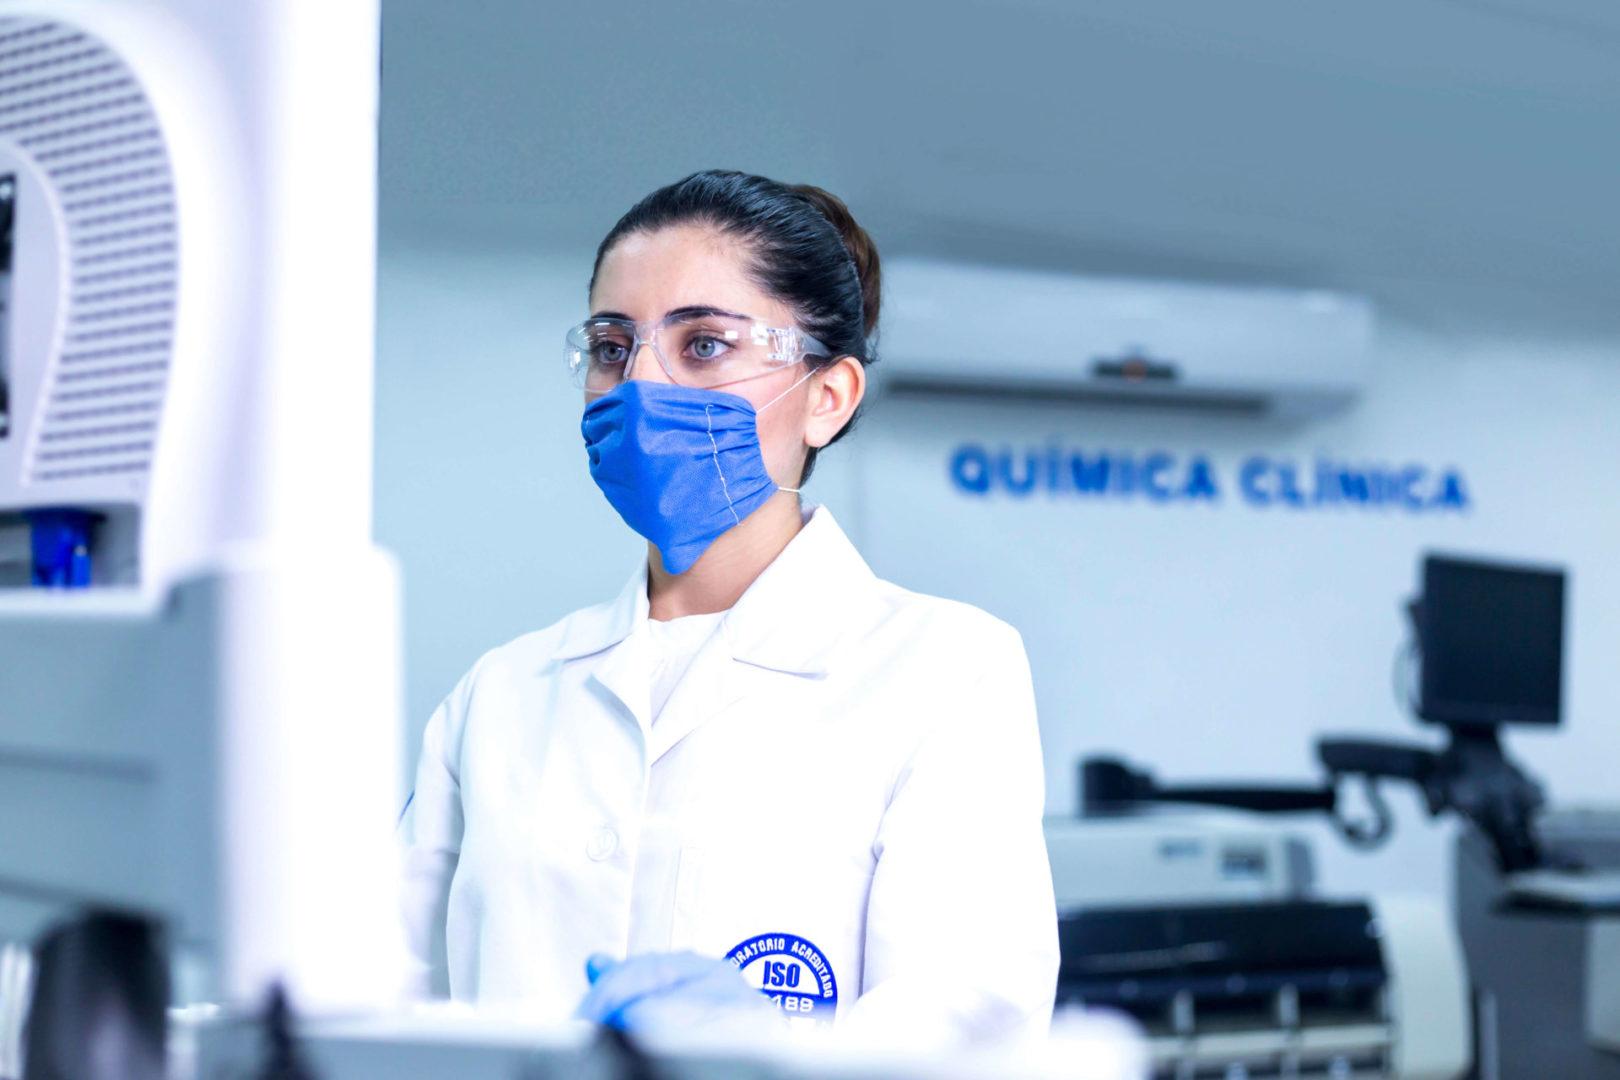 prueba de laboratorio para detectar covid1-9